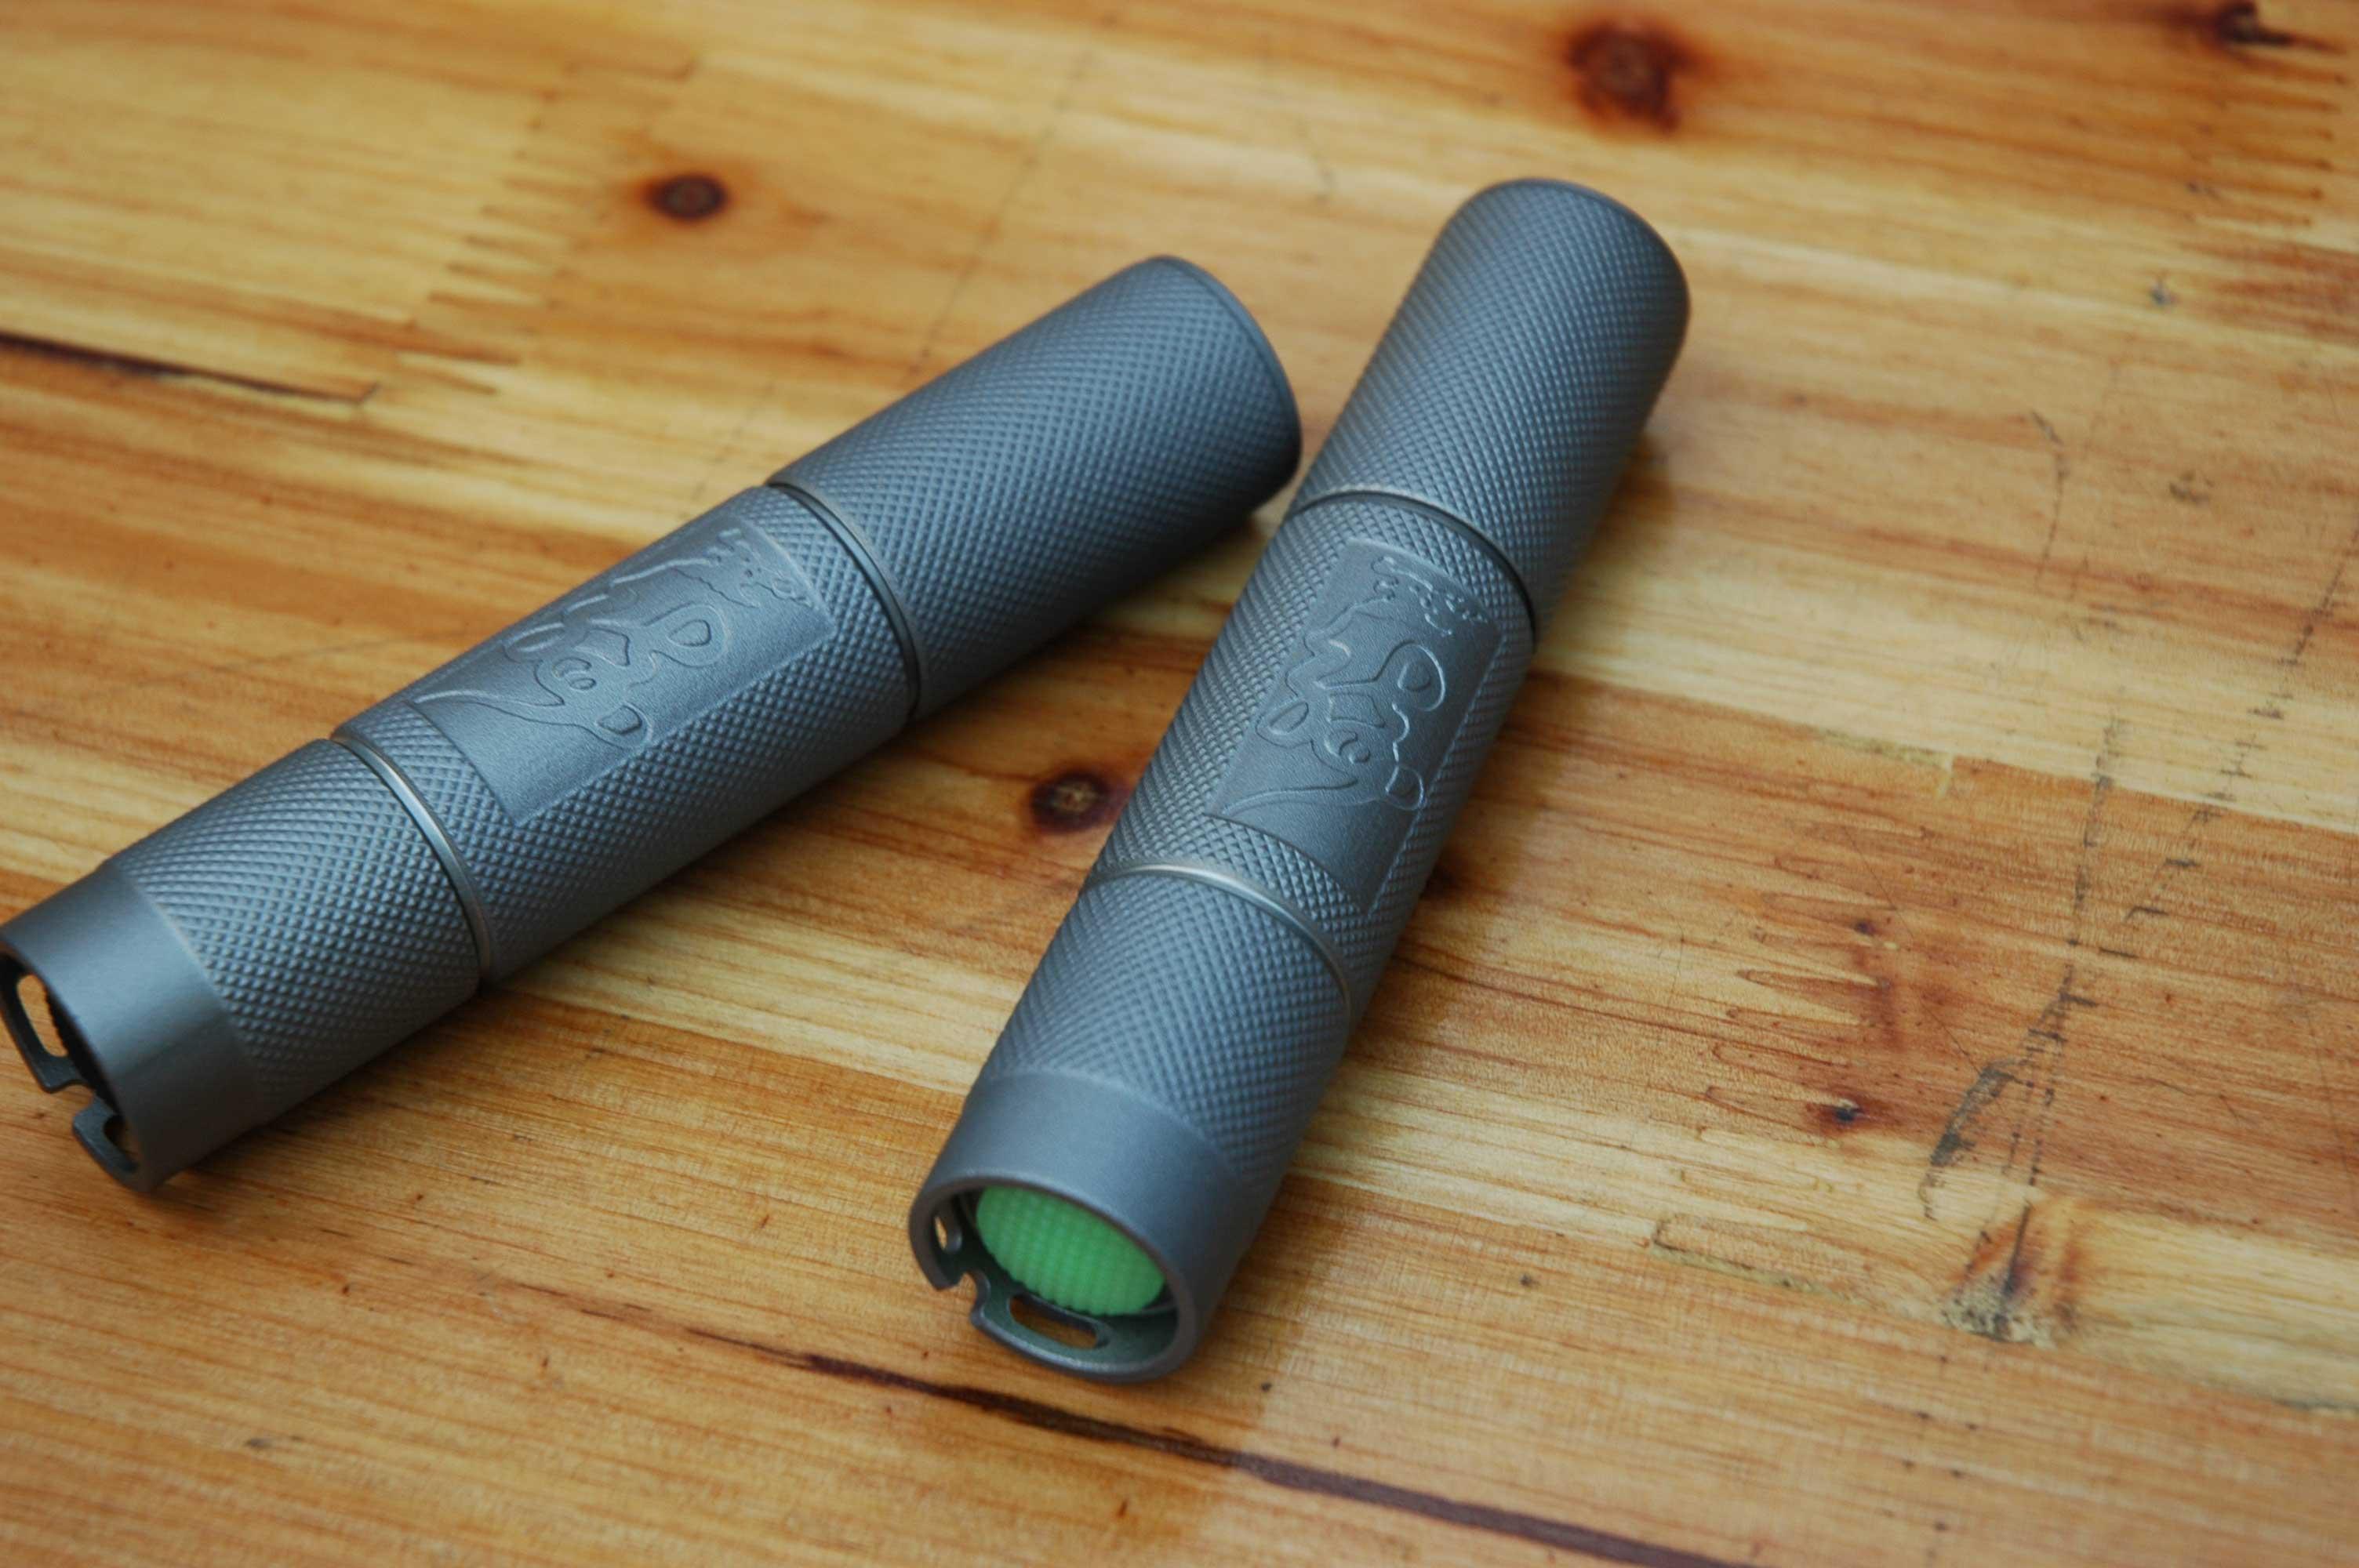 识破劣质电池 全面解析18650电芯电池特点